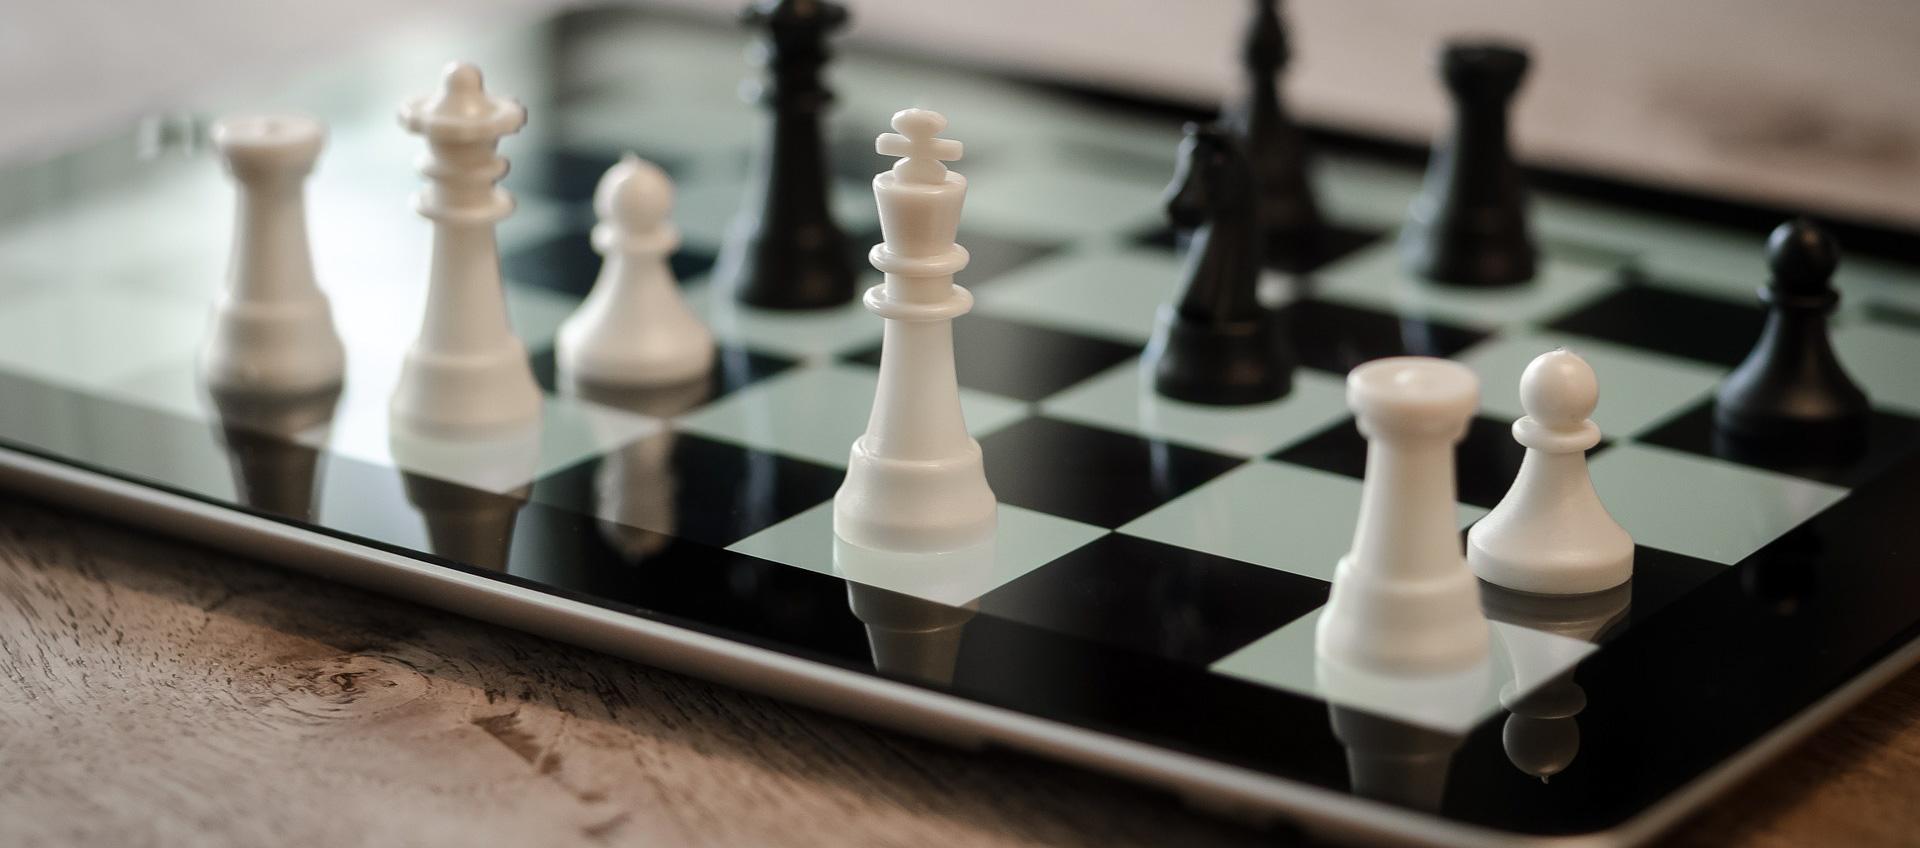 Τηλεκπαίδευση Σκάκι